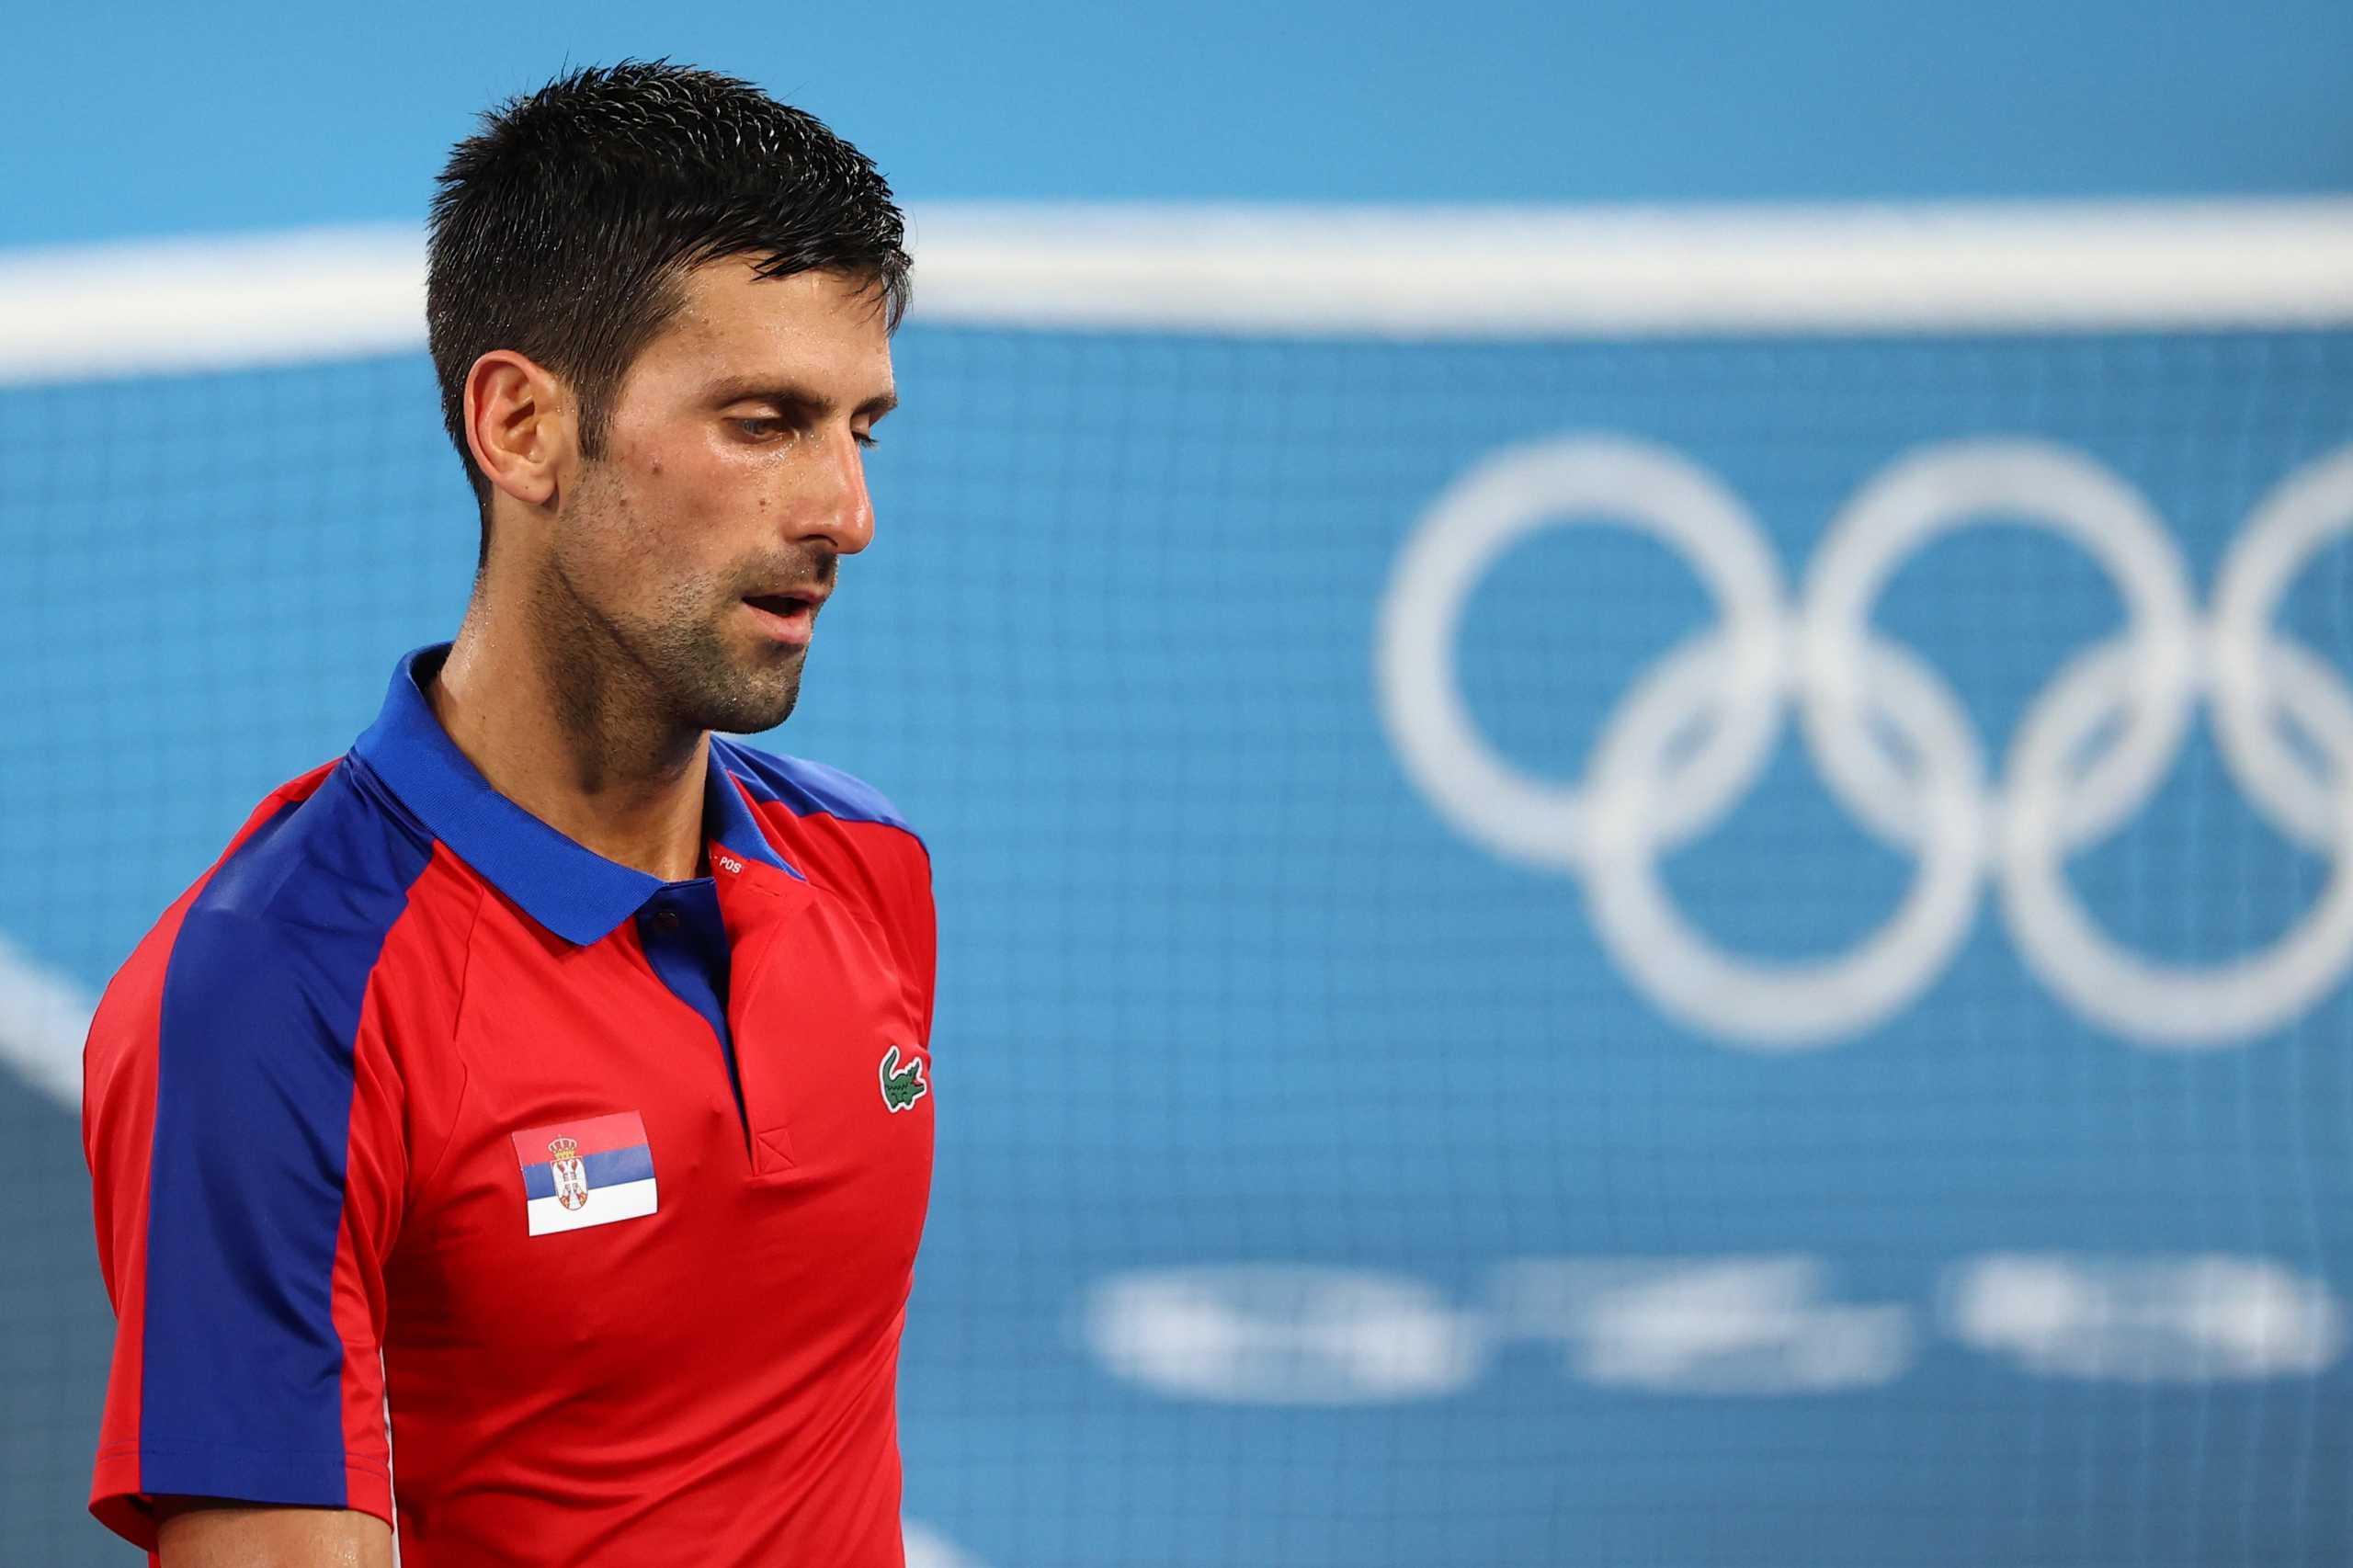 Ολυμπιακοί Αγώνες: Εκτός τελικού ο Τζόκοβιτς, έχασε 2-1 από τον Ζβέρεφ